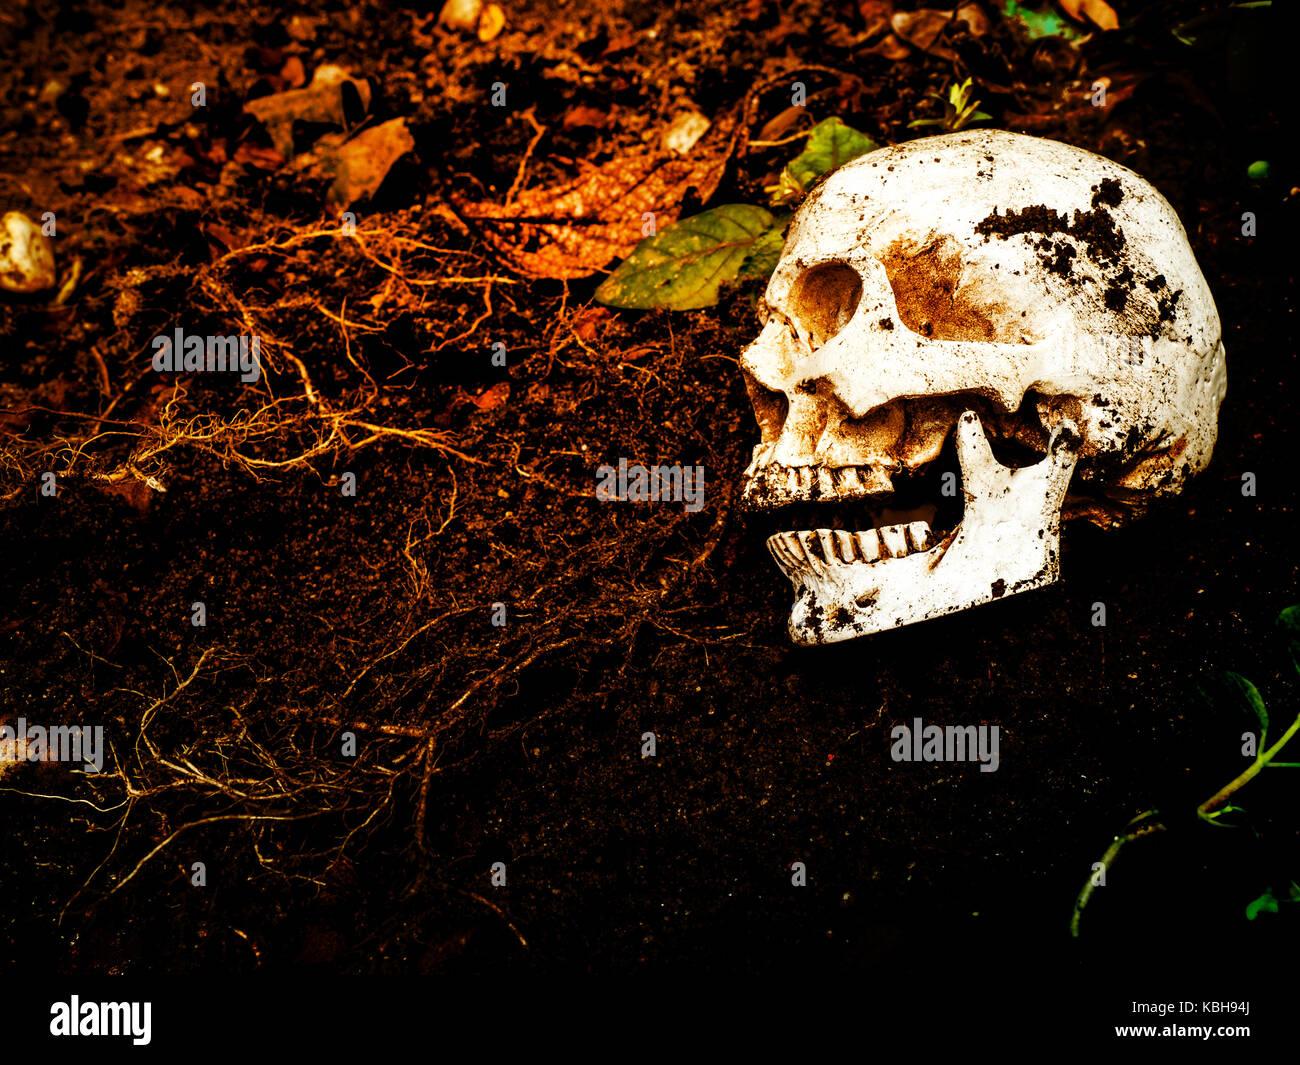 A fianco del teschio umano sepolto nel terreno.Il cranio ha lo sporco attaccato al cranio.concetto di morte e di Immagini Stock